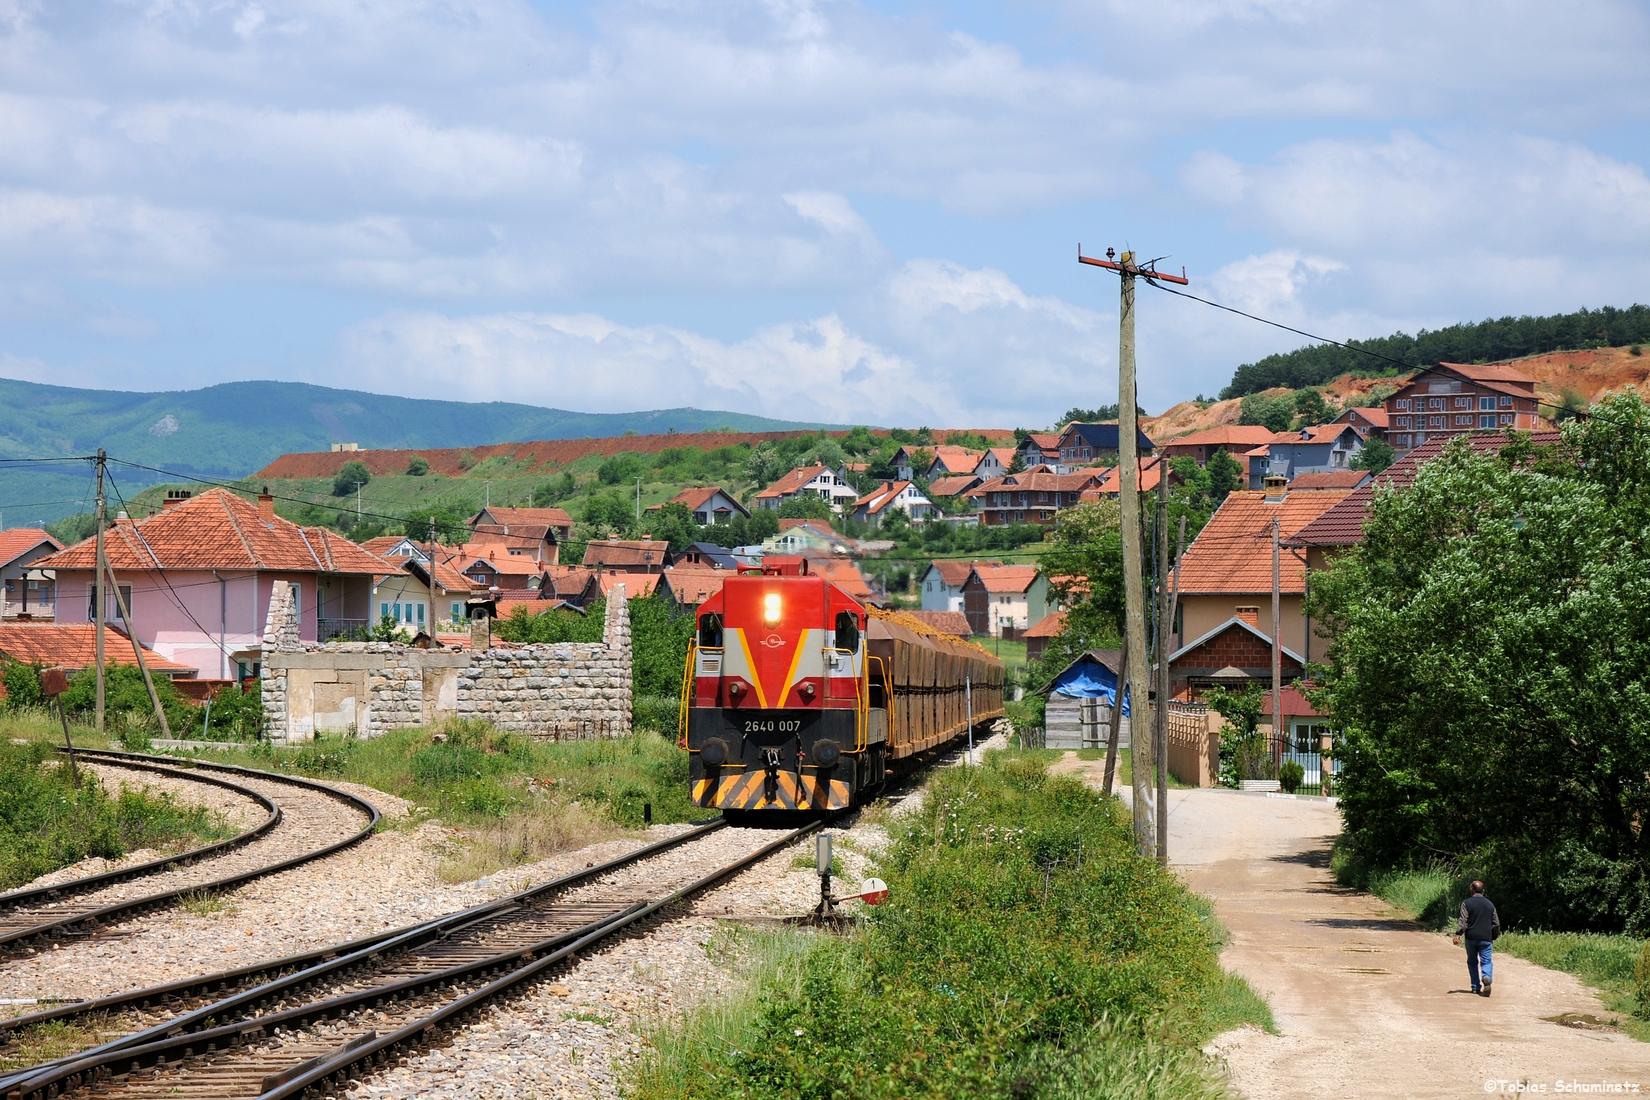 Dann fuhren wir ein Stück voraus, da der Zug bis Drens einen wesentlich kürzeren Weg hatte als wir mit dem Auto. Hier der Zug bei der Einfahrt in den Bahnhof Drenas.